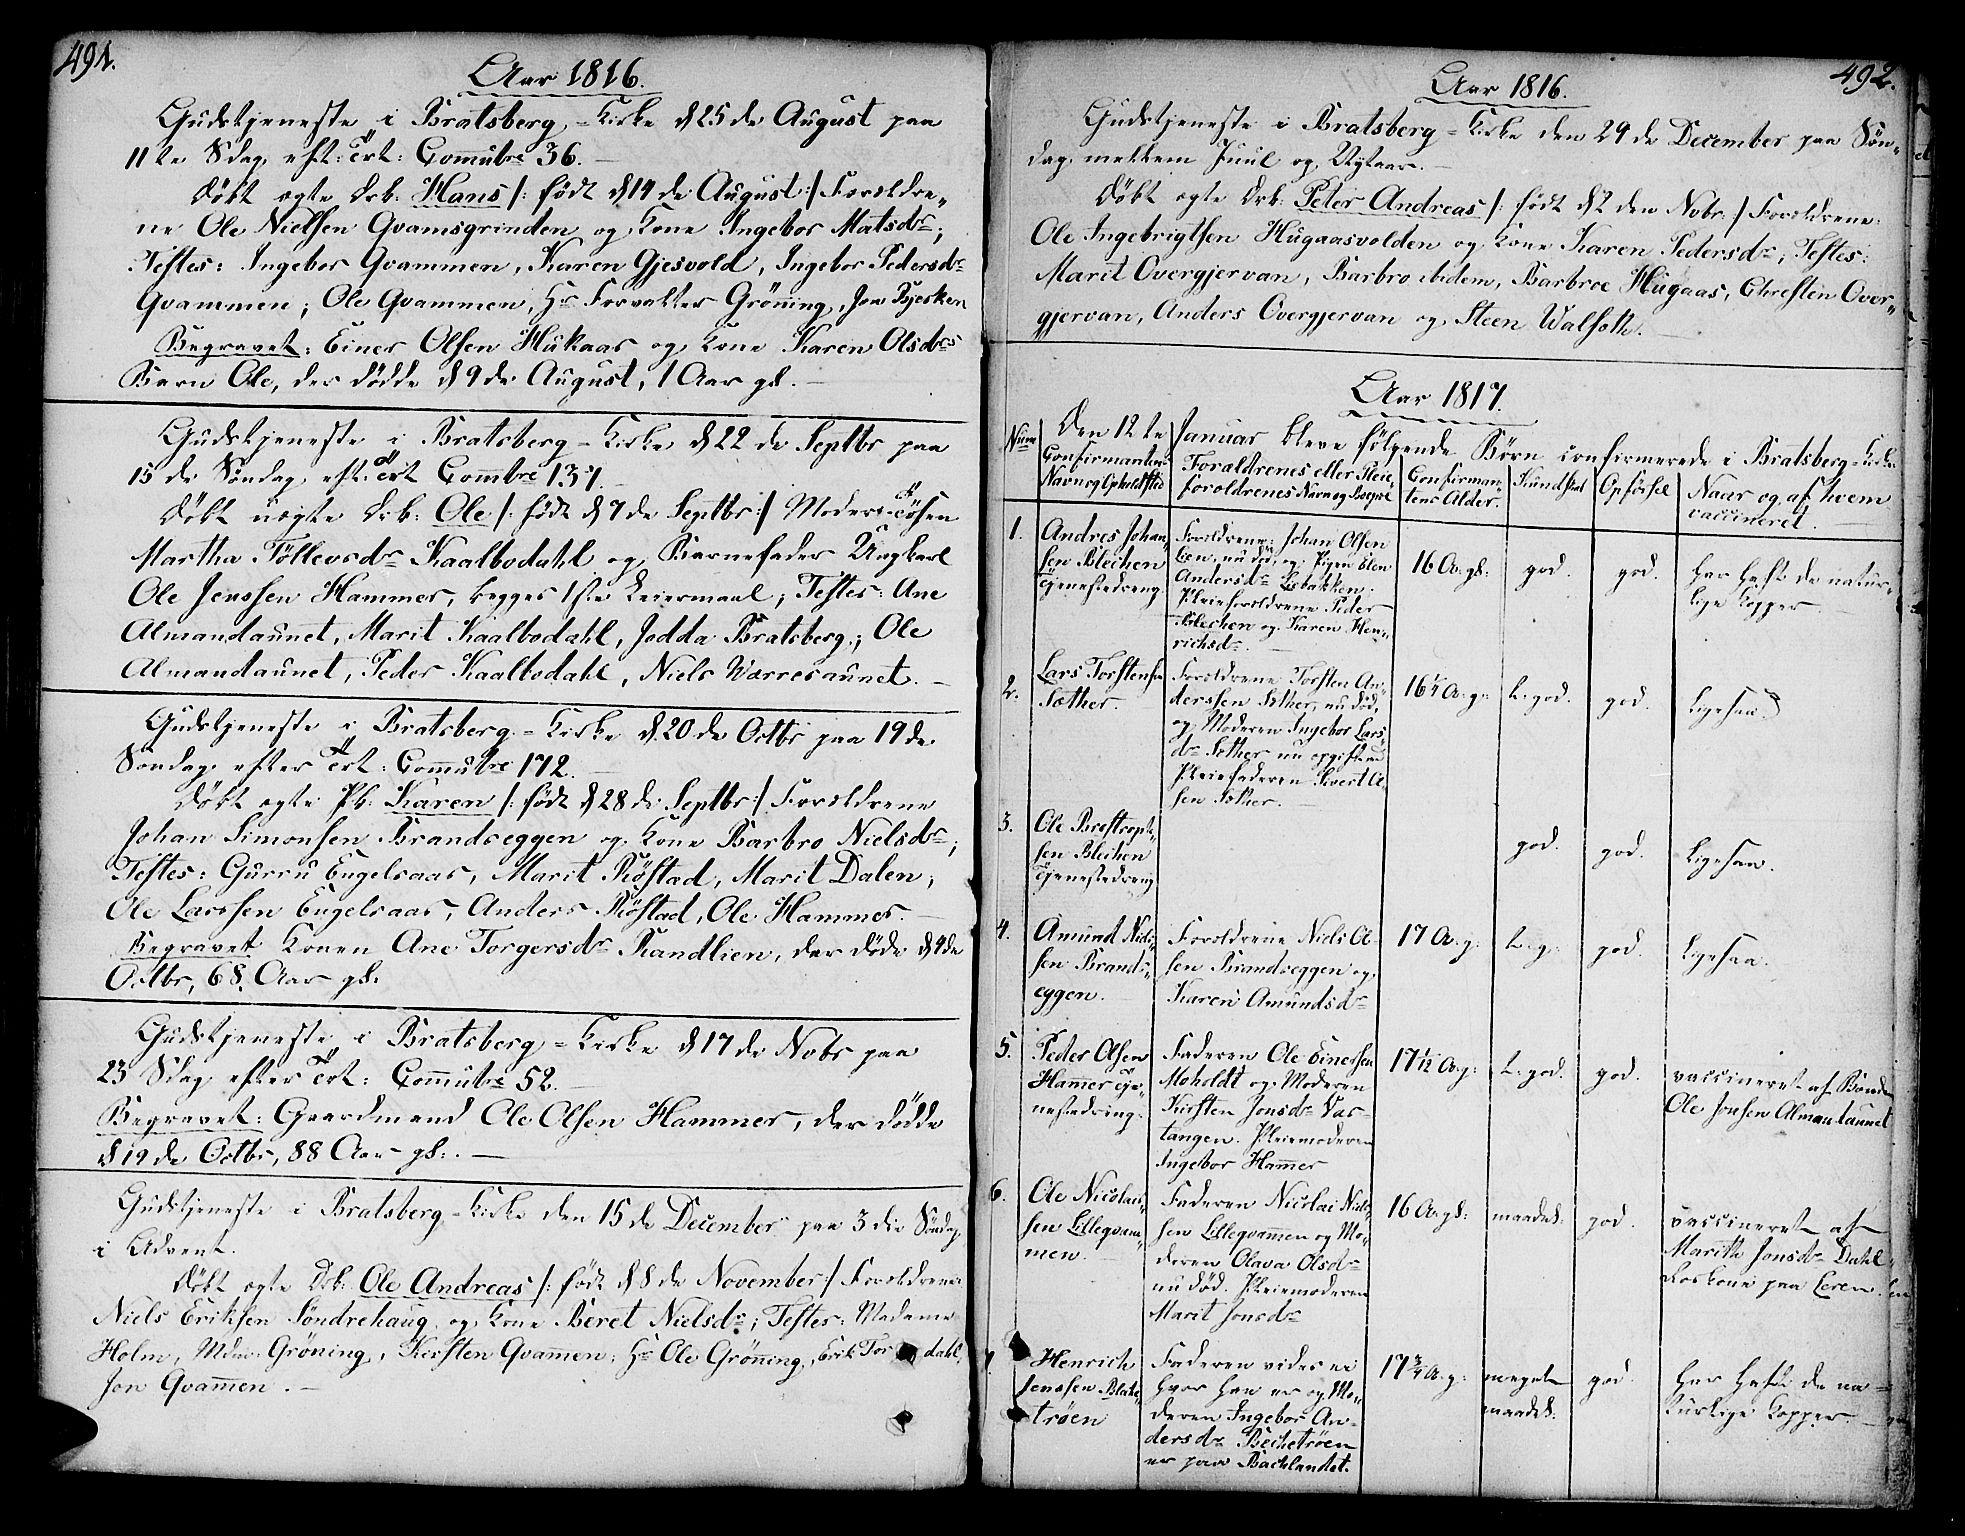 SAT, Ministerialprotokoller, klokkerbøker og fødselsregistre - Sør-Trøndelag, 606/L0282: Ministerialbok nr. 606A02 /3, 1781-1817, s. 491-492